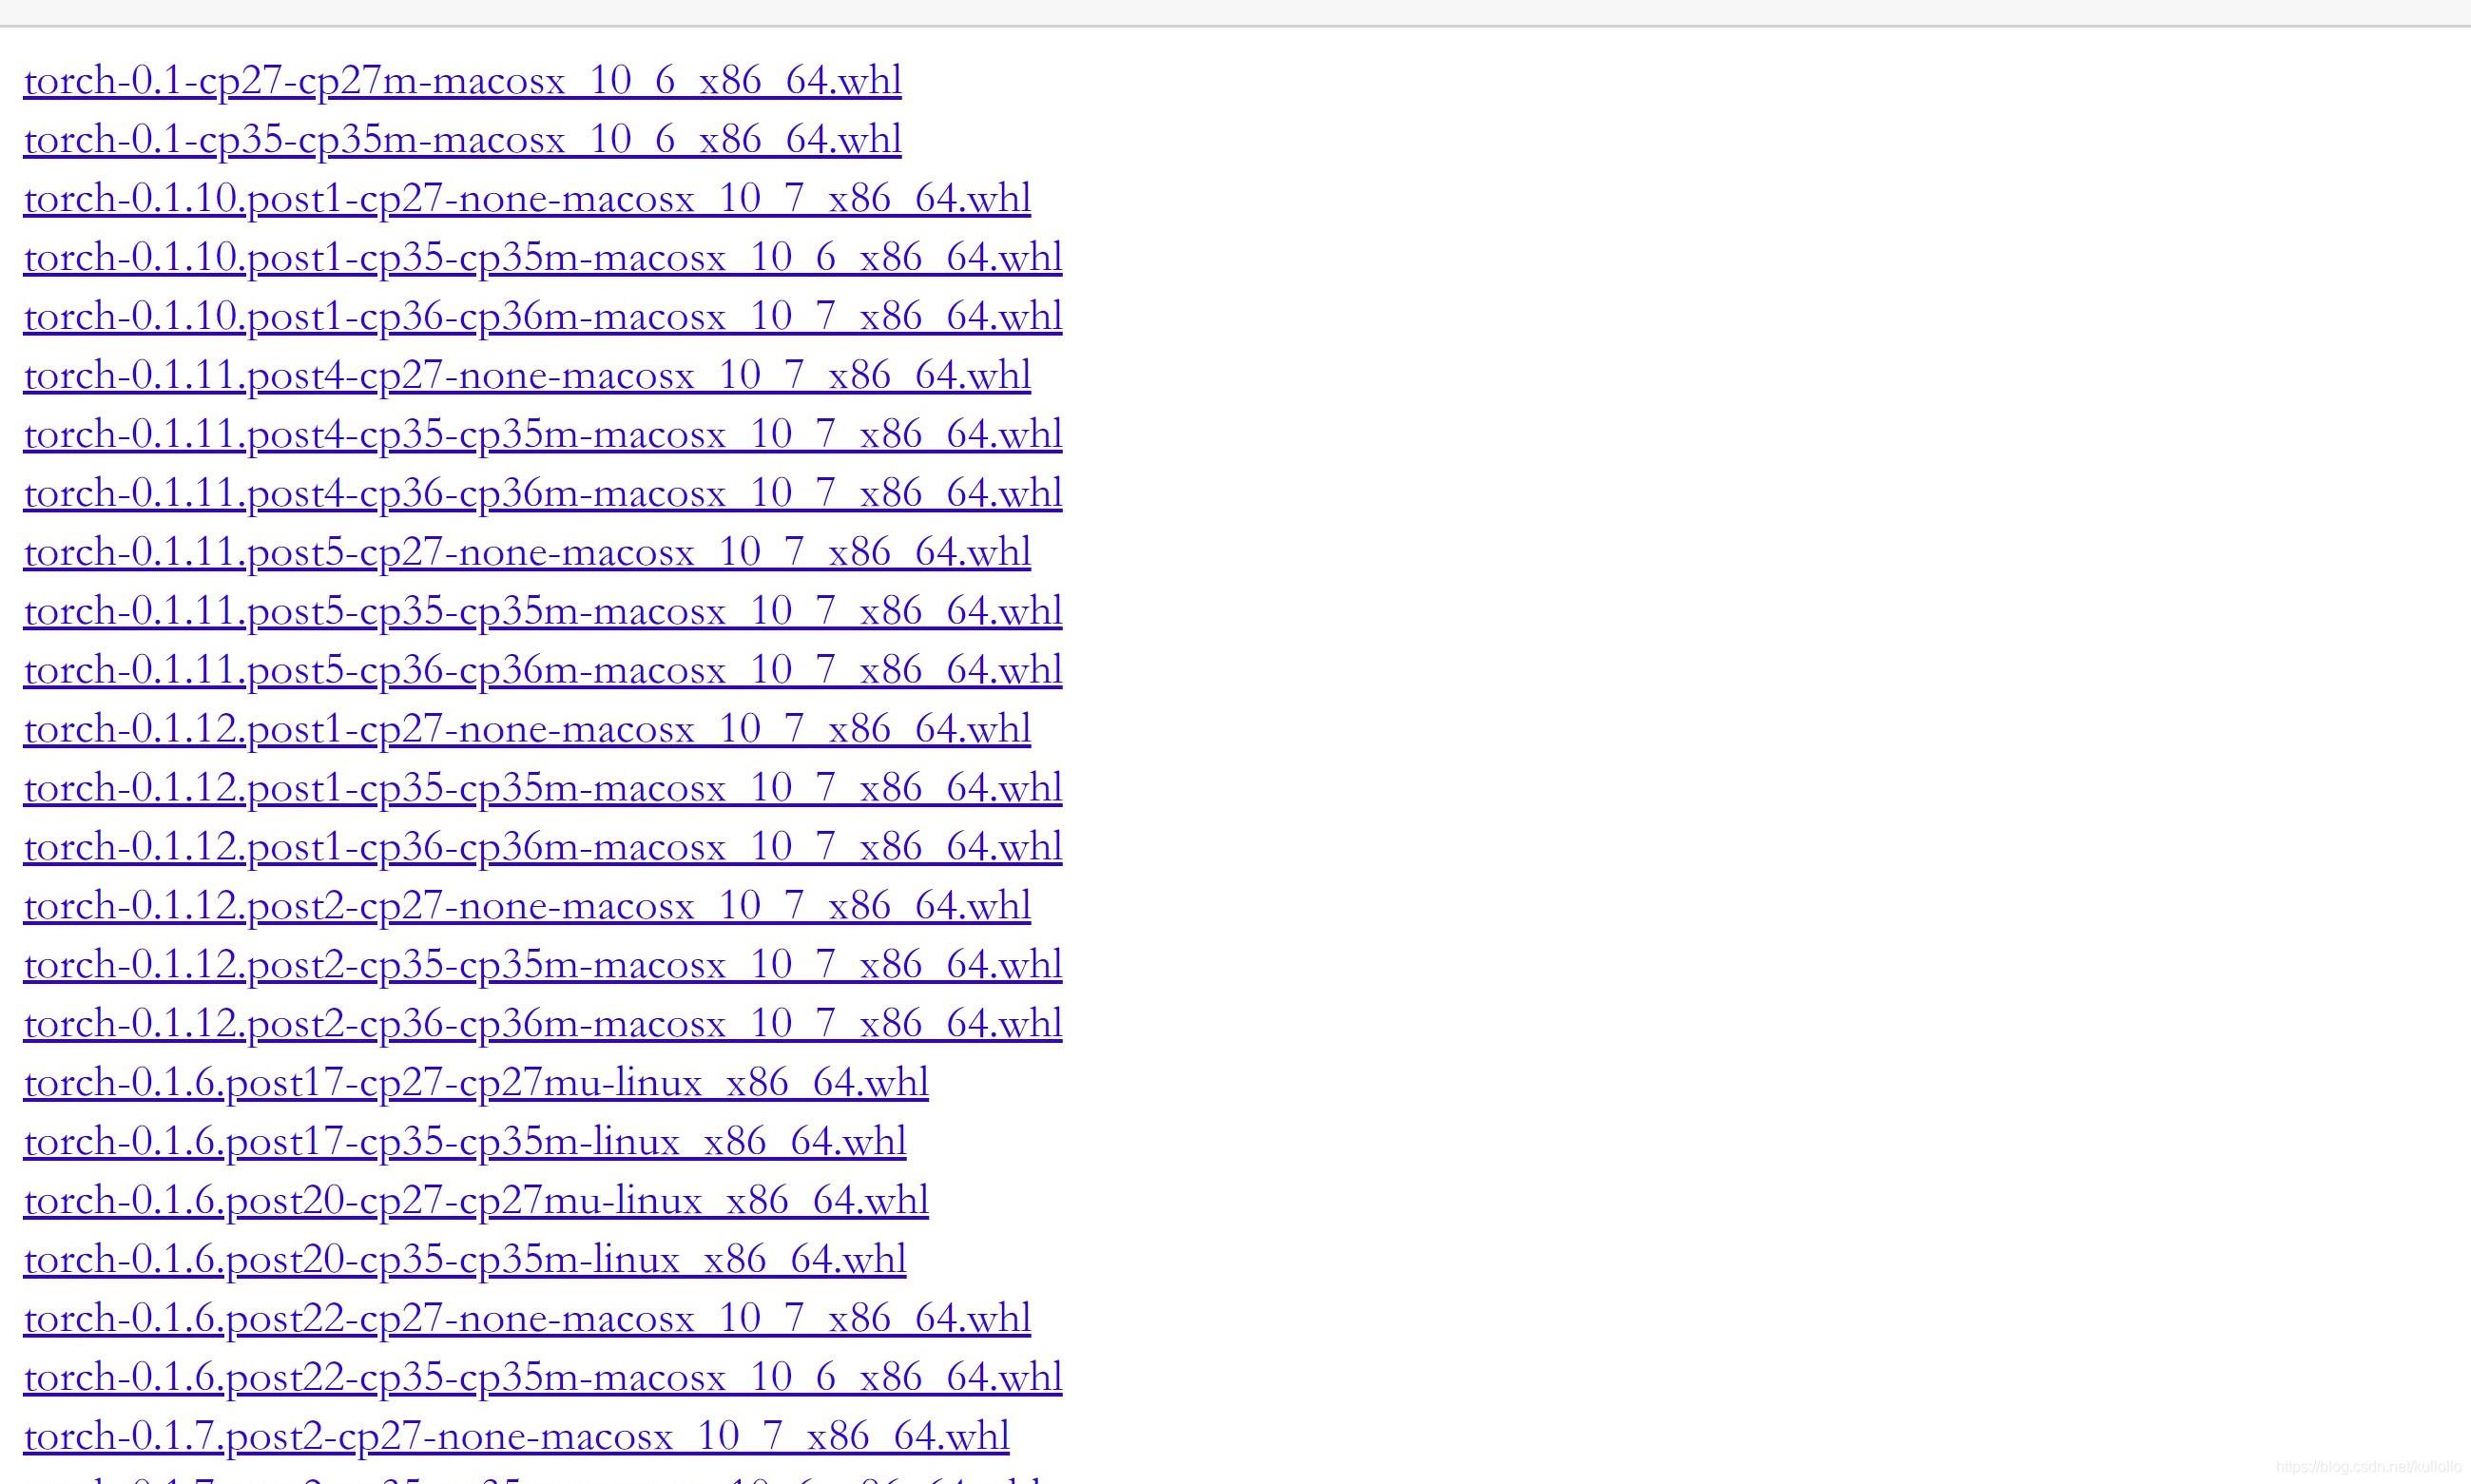 网页里的whl文件